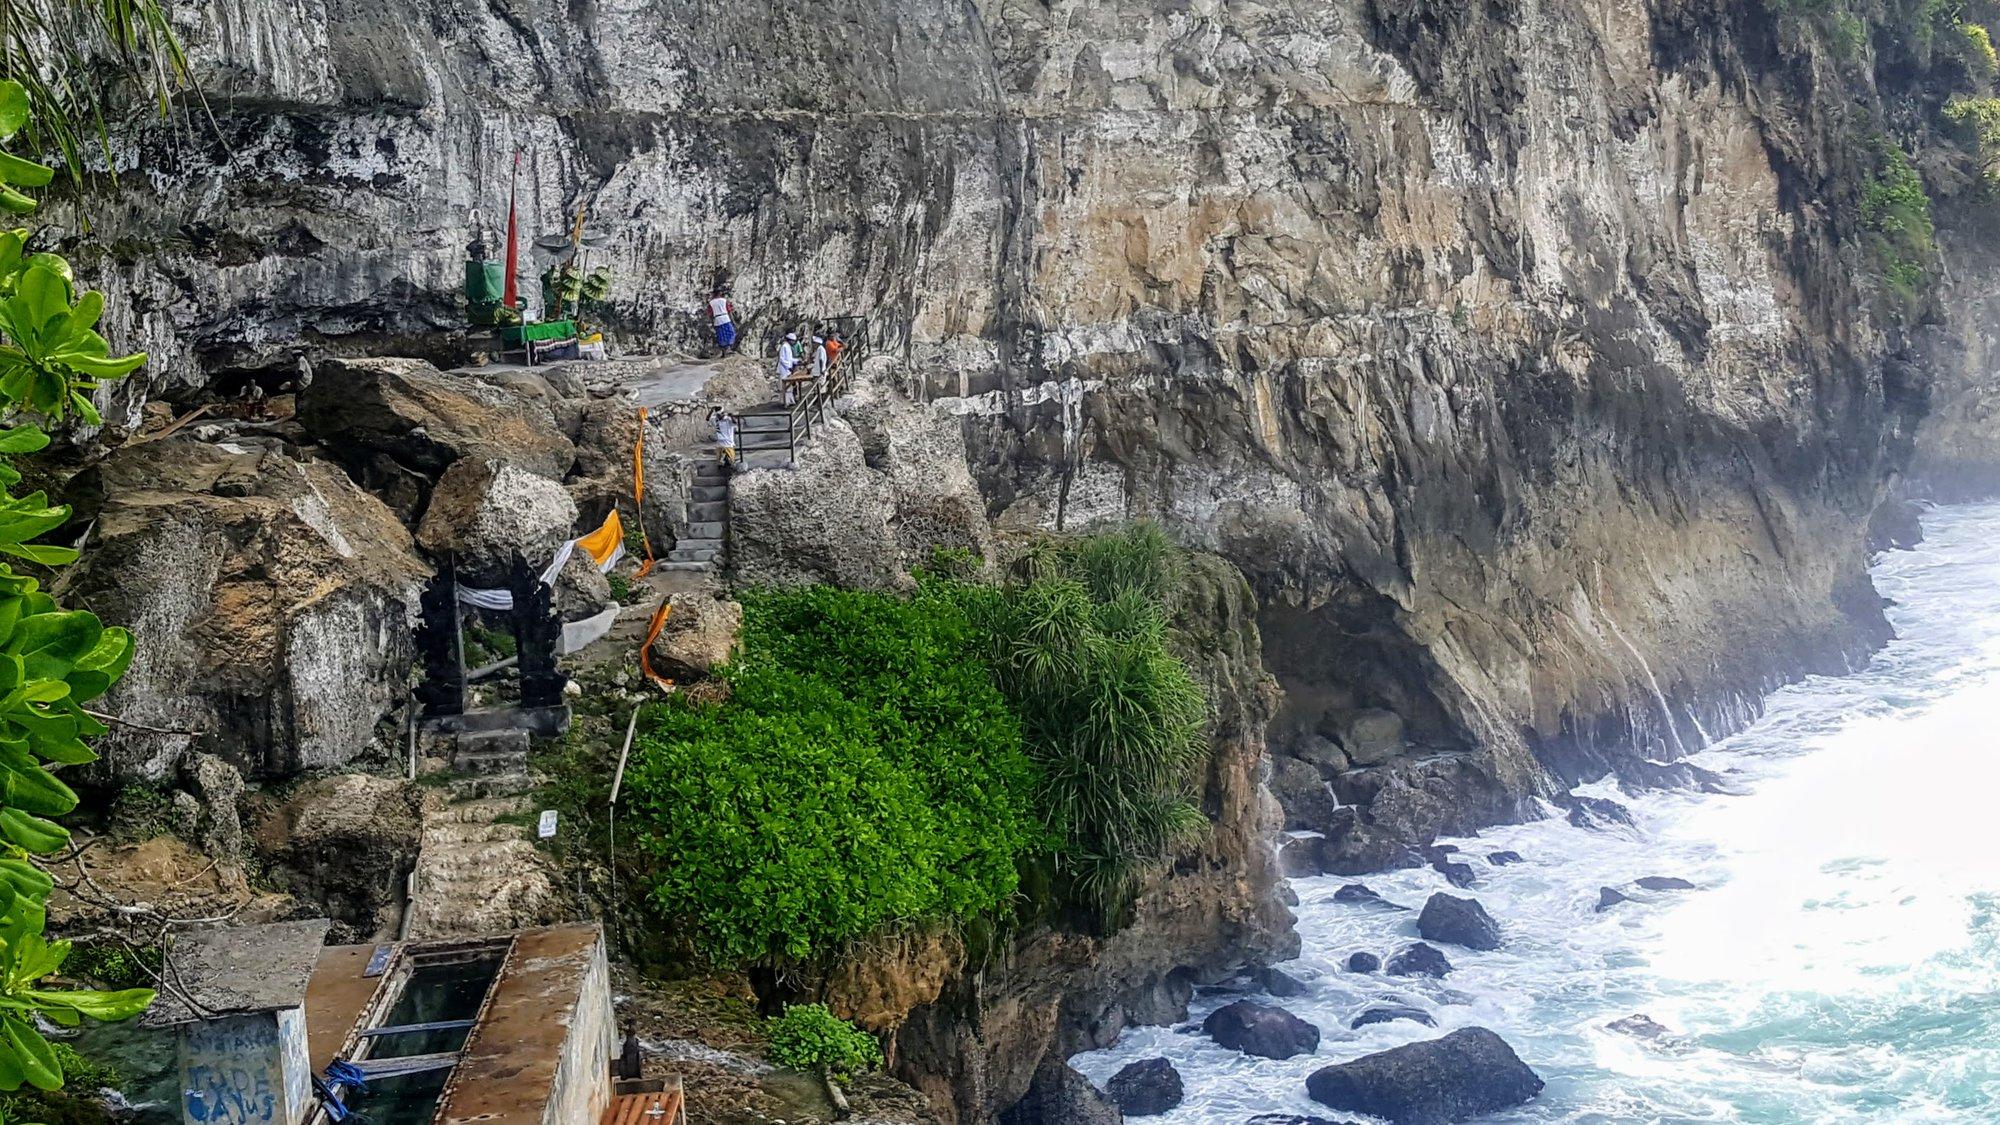 Нуса Пенида - храм возле водопада Пегуянган